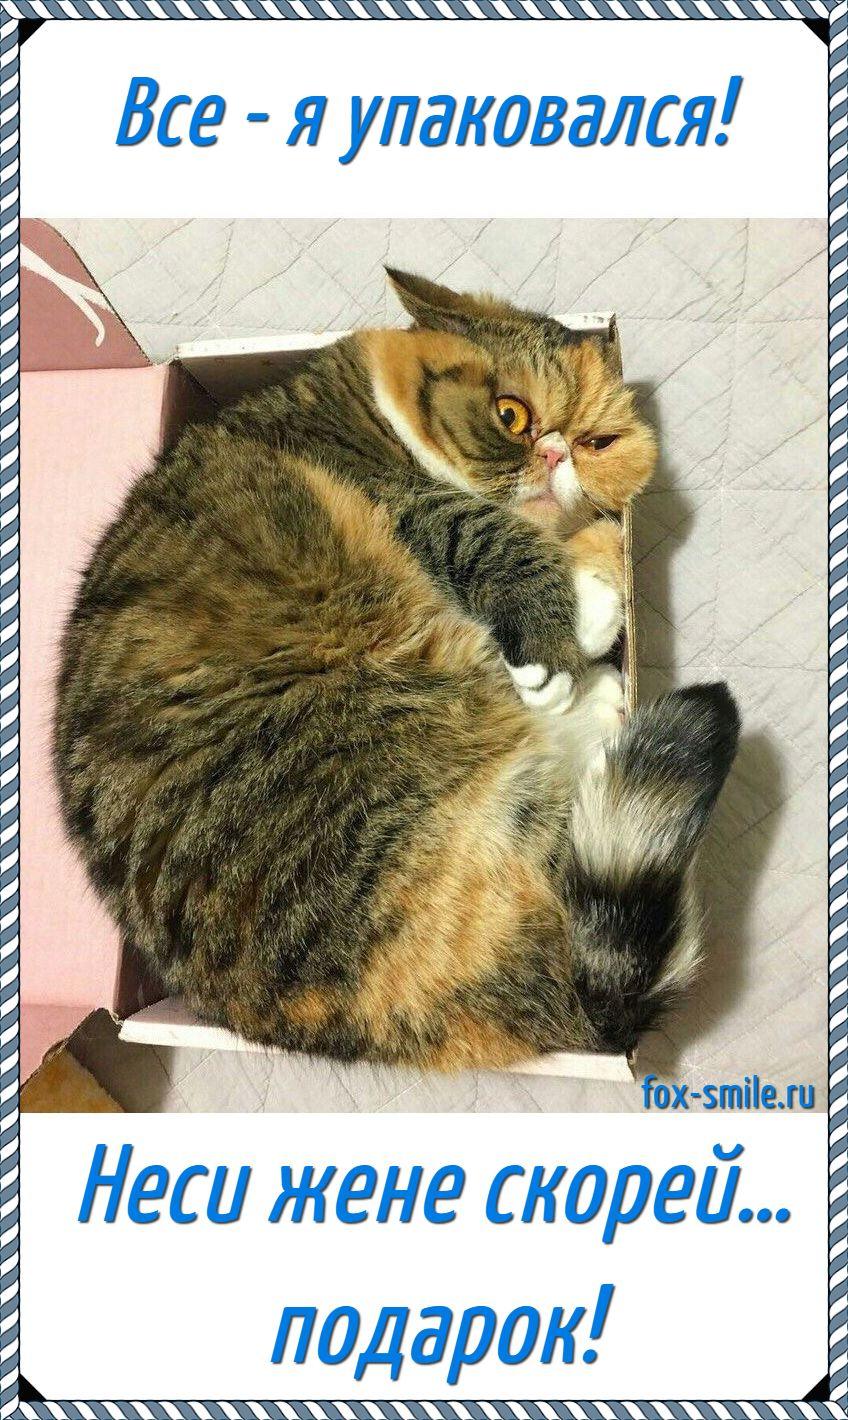 Кот в коробке, мем